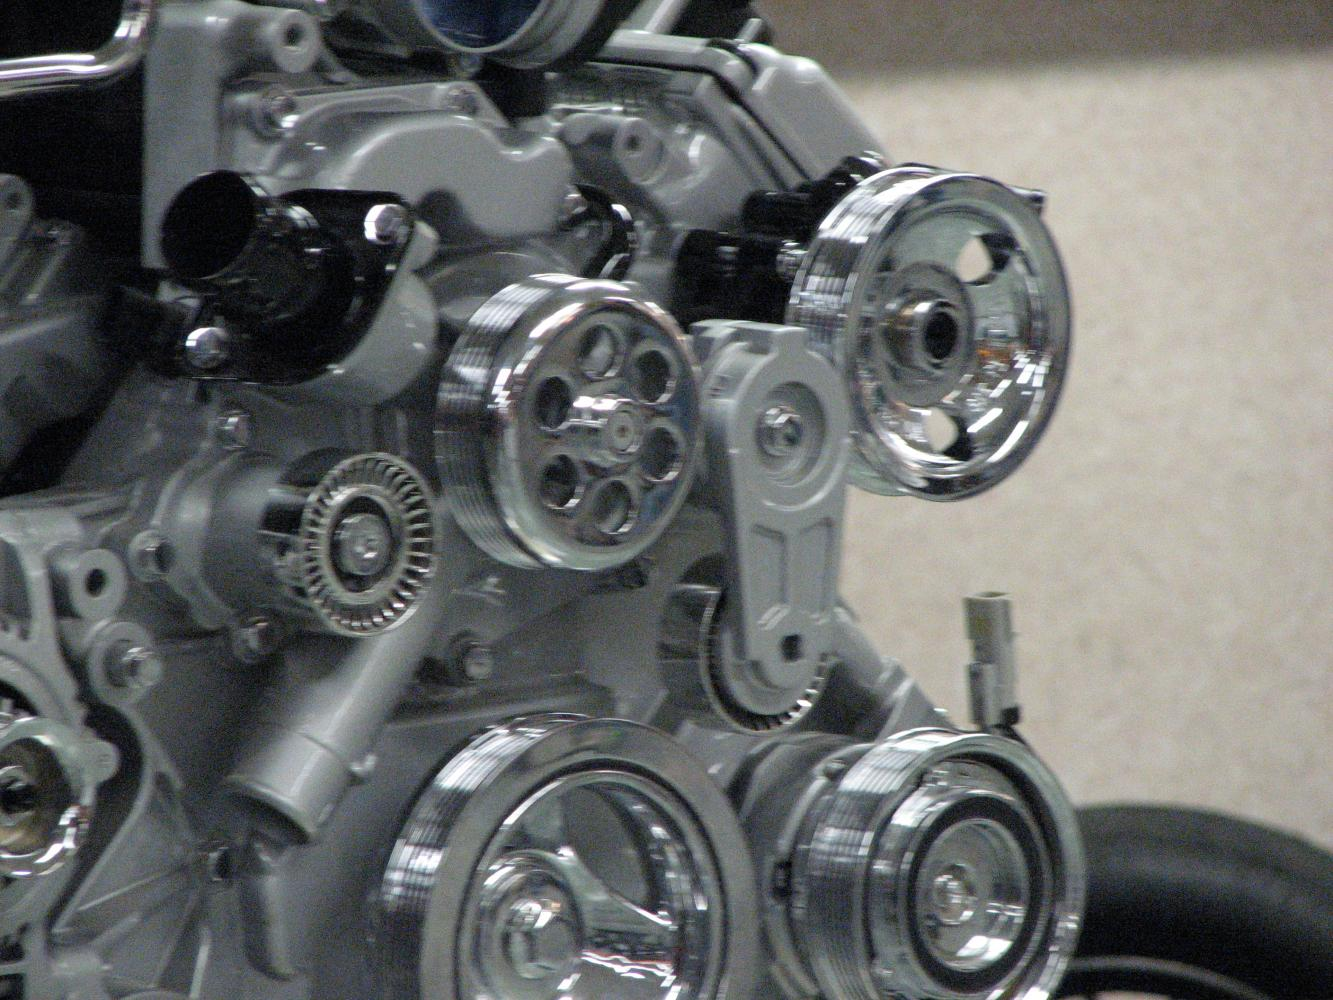 http://2.bp.blogspot.com/-IM6M43nhAxA/TiWIrJVMsWI/AAAAAAAAADU/MmVZmSGgcJc/s1600/mechanical-engineering.jpg